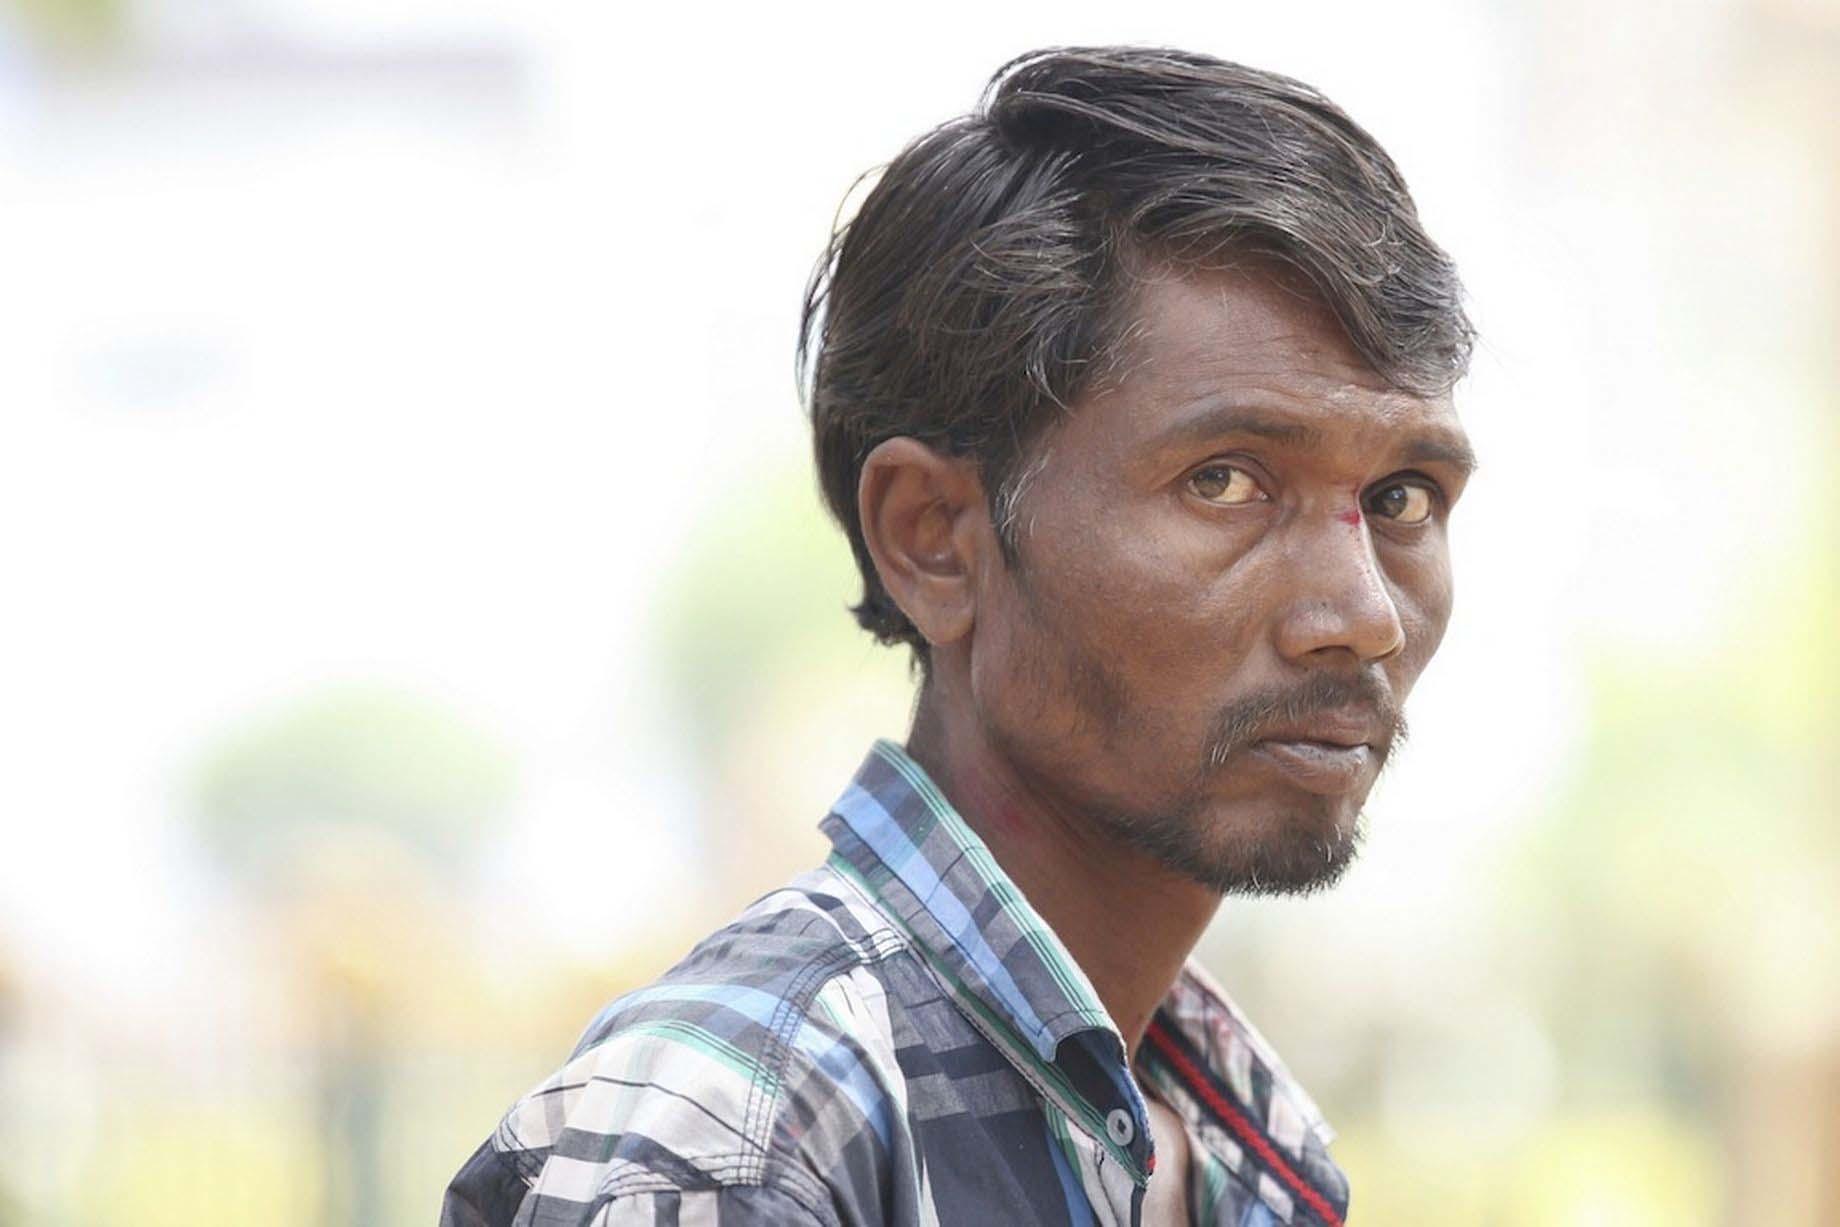 Người đàn ông Ấn Độ thích ăn gạch thay cơm - Pakkirappa Hunagundi